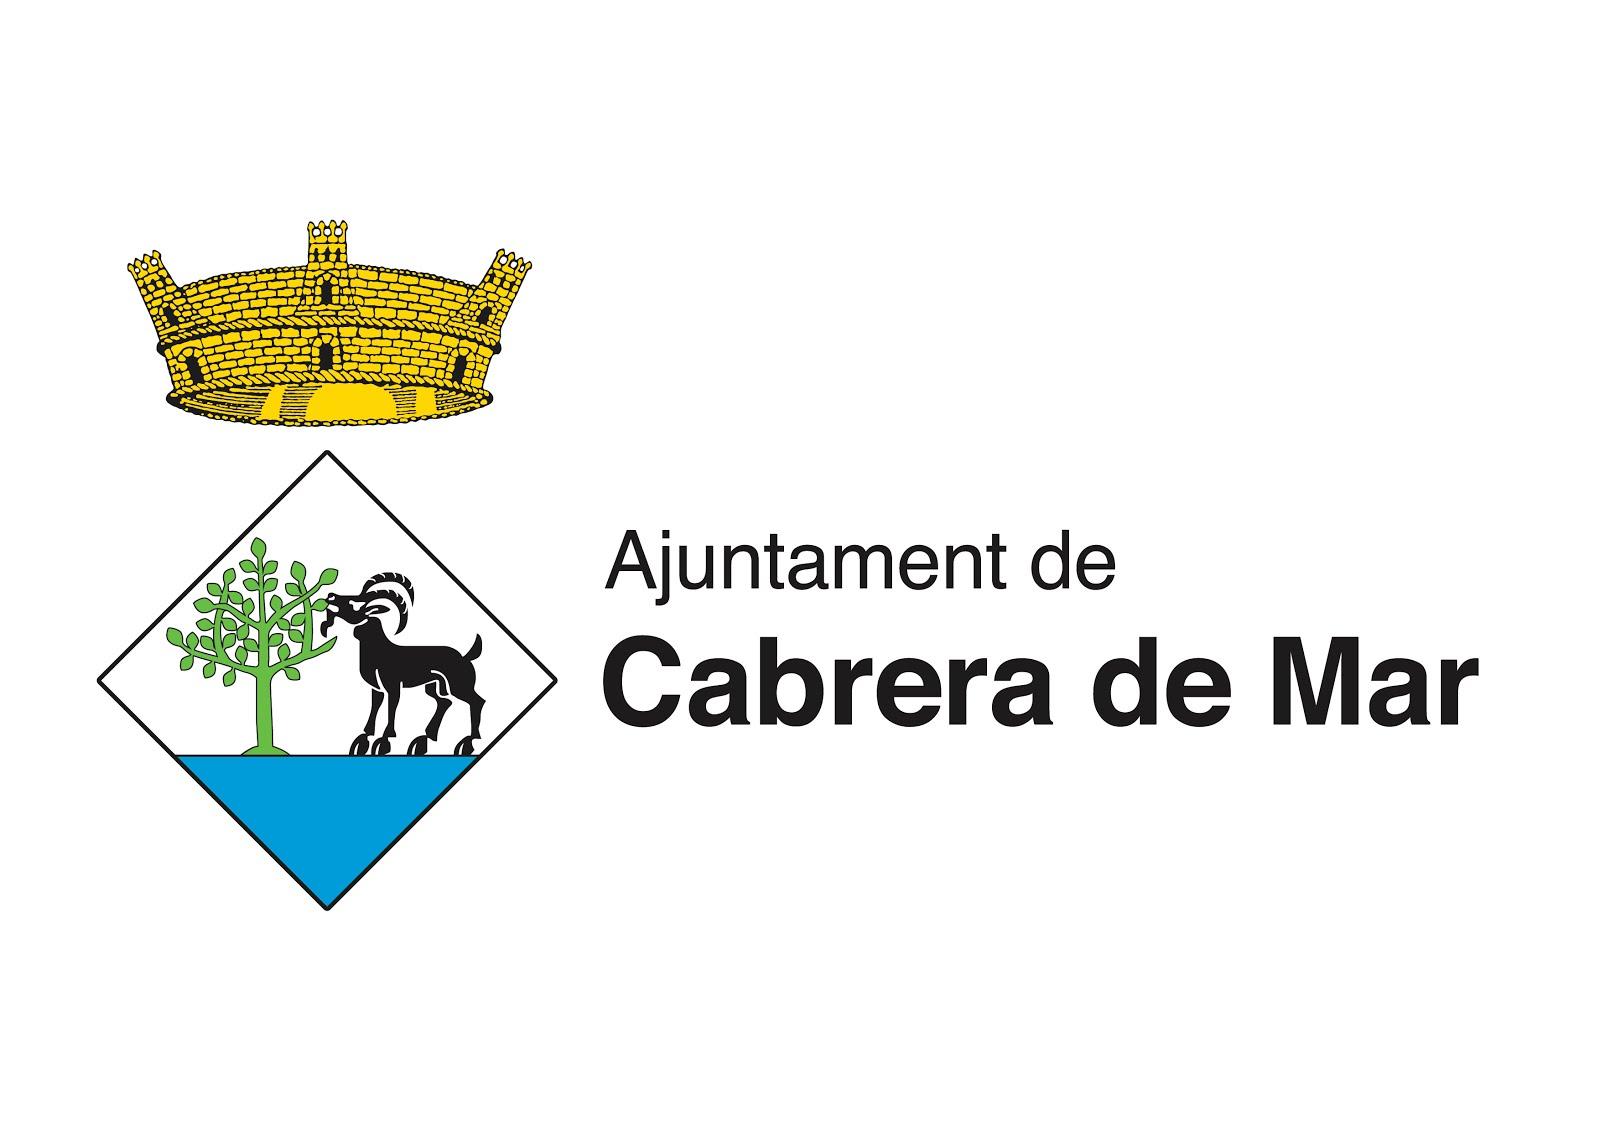 AJUNTAMENT CABRERA DE MAR